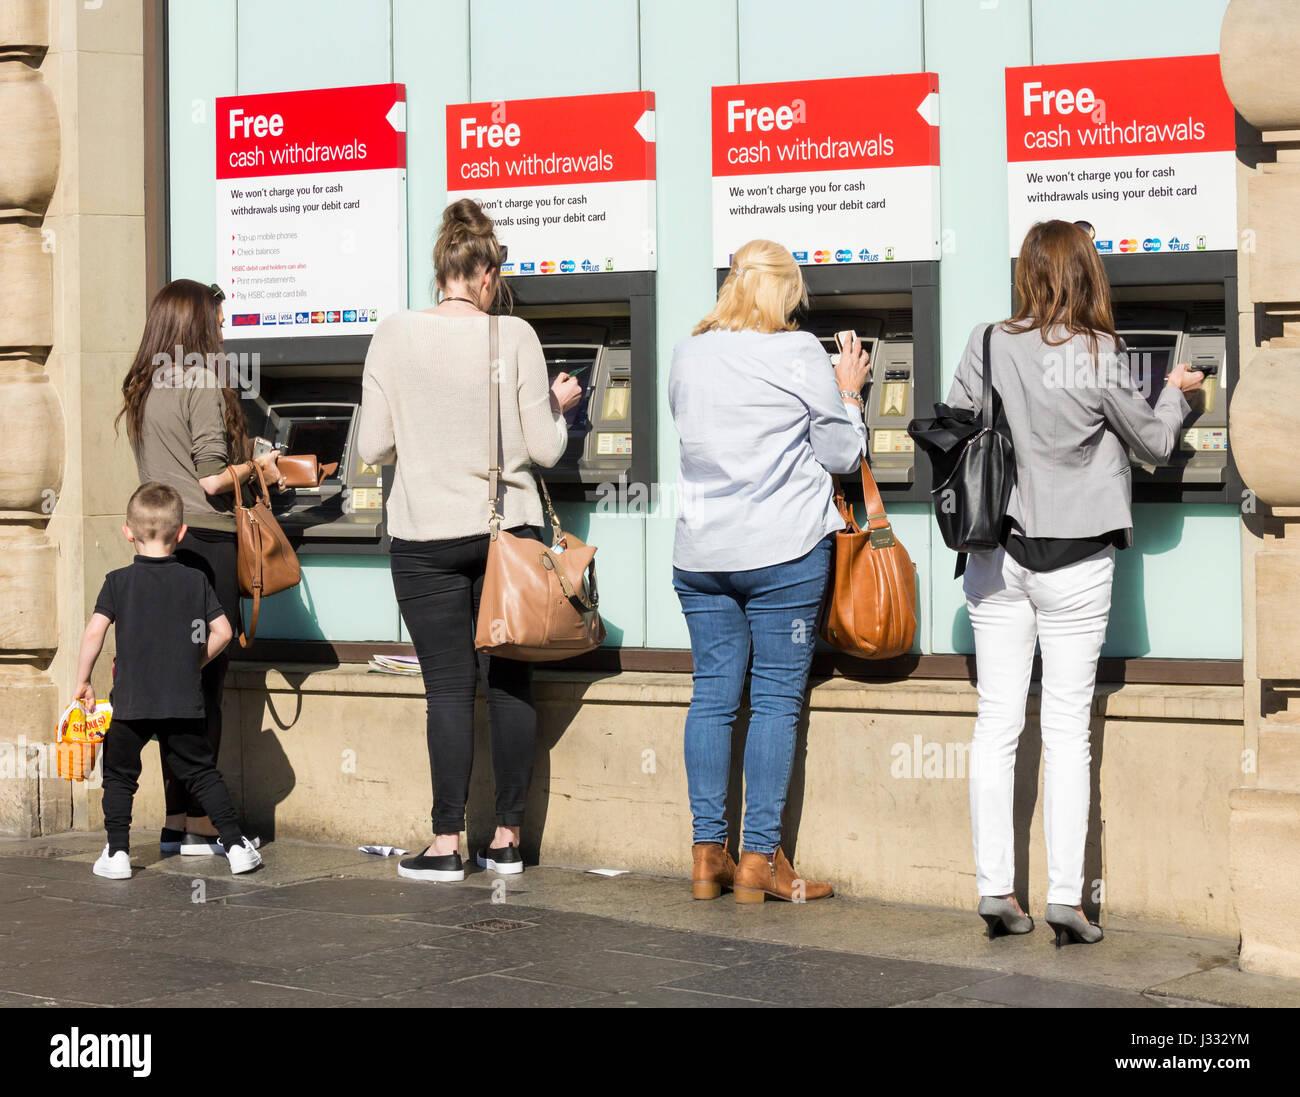 Ace cash loan kennewick wa image 10